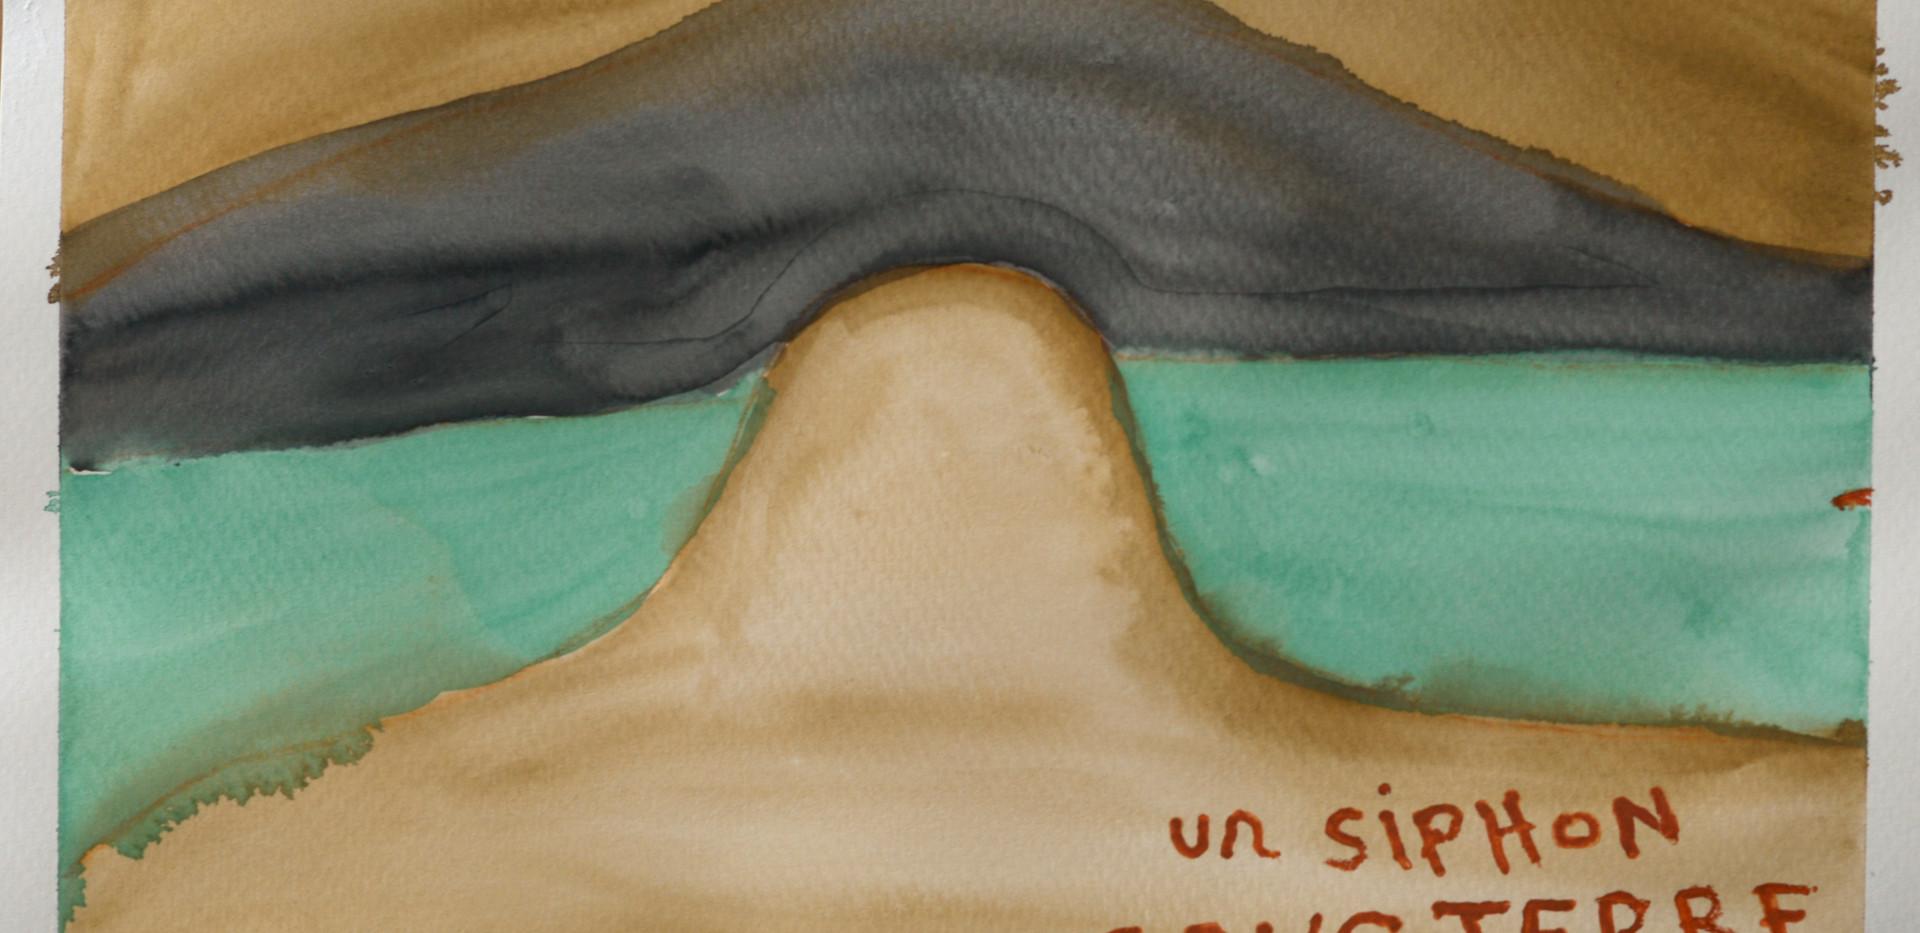 Un siphon sous terre, 2014